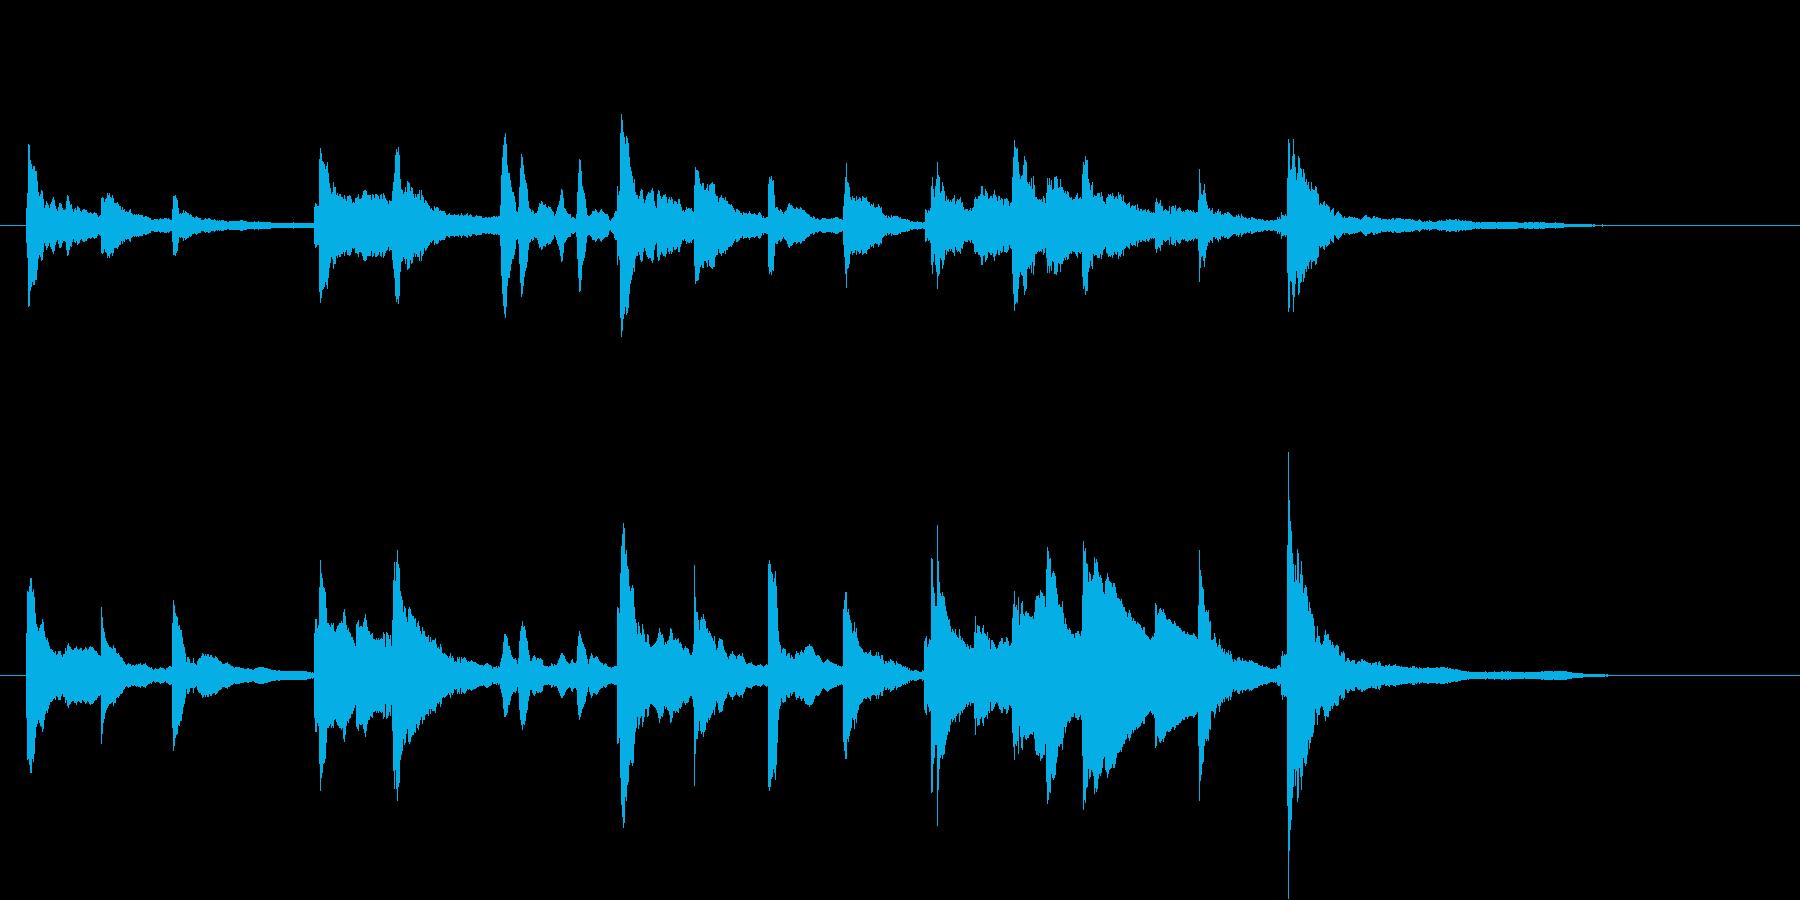 ピアノのオープニングタイトルジングルの再生済みの波形